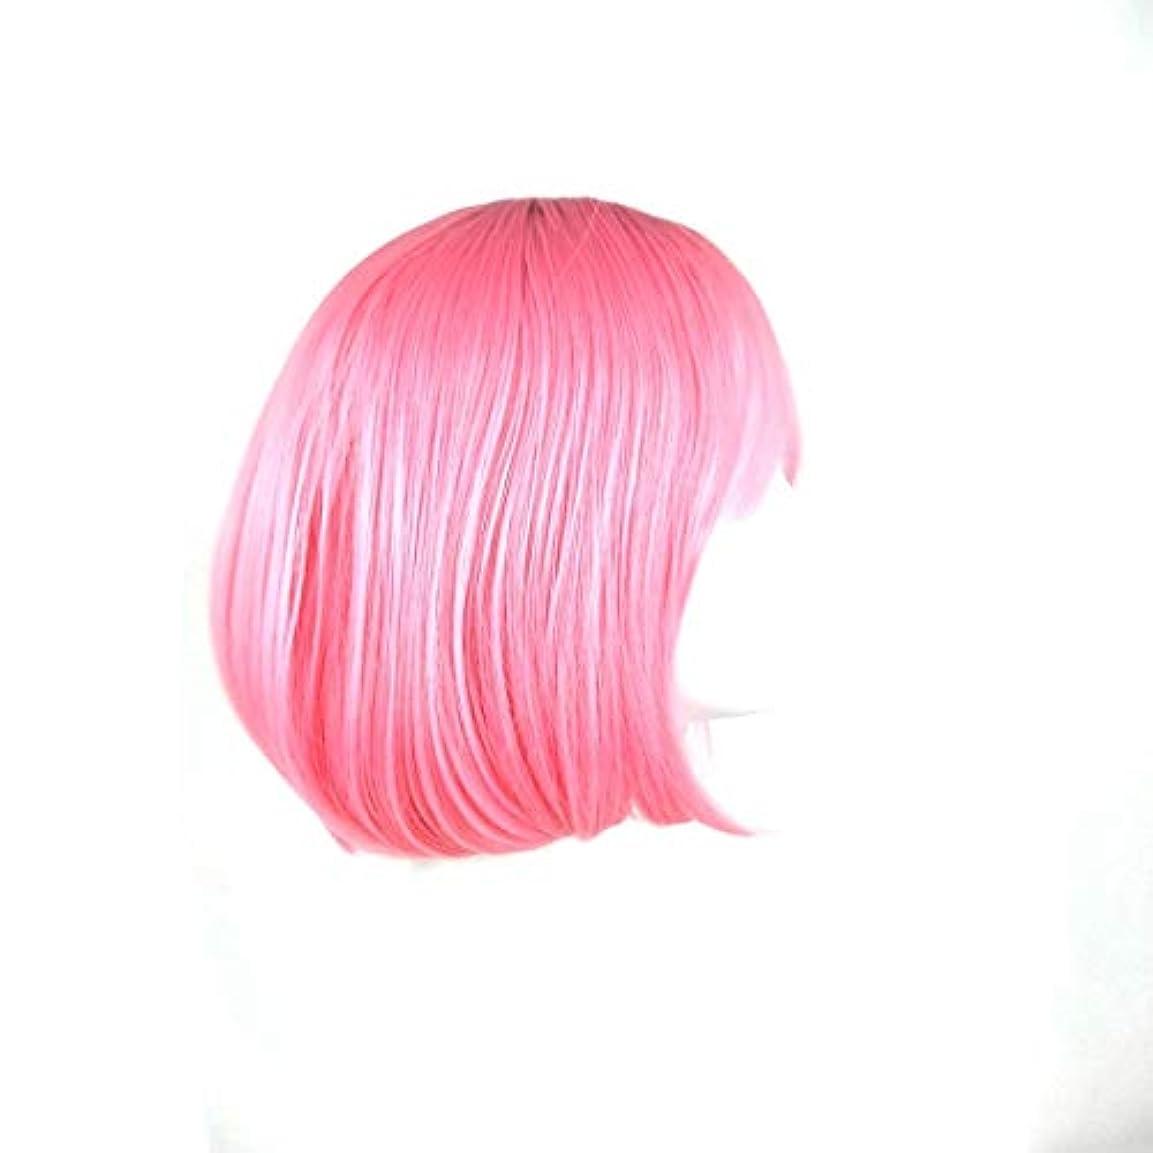 サンプル保証金ライナーKerwinner ピンクのかつらショートストレートヘアーボブウィッグ人工毛ナチュラルな耐熱性女性用